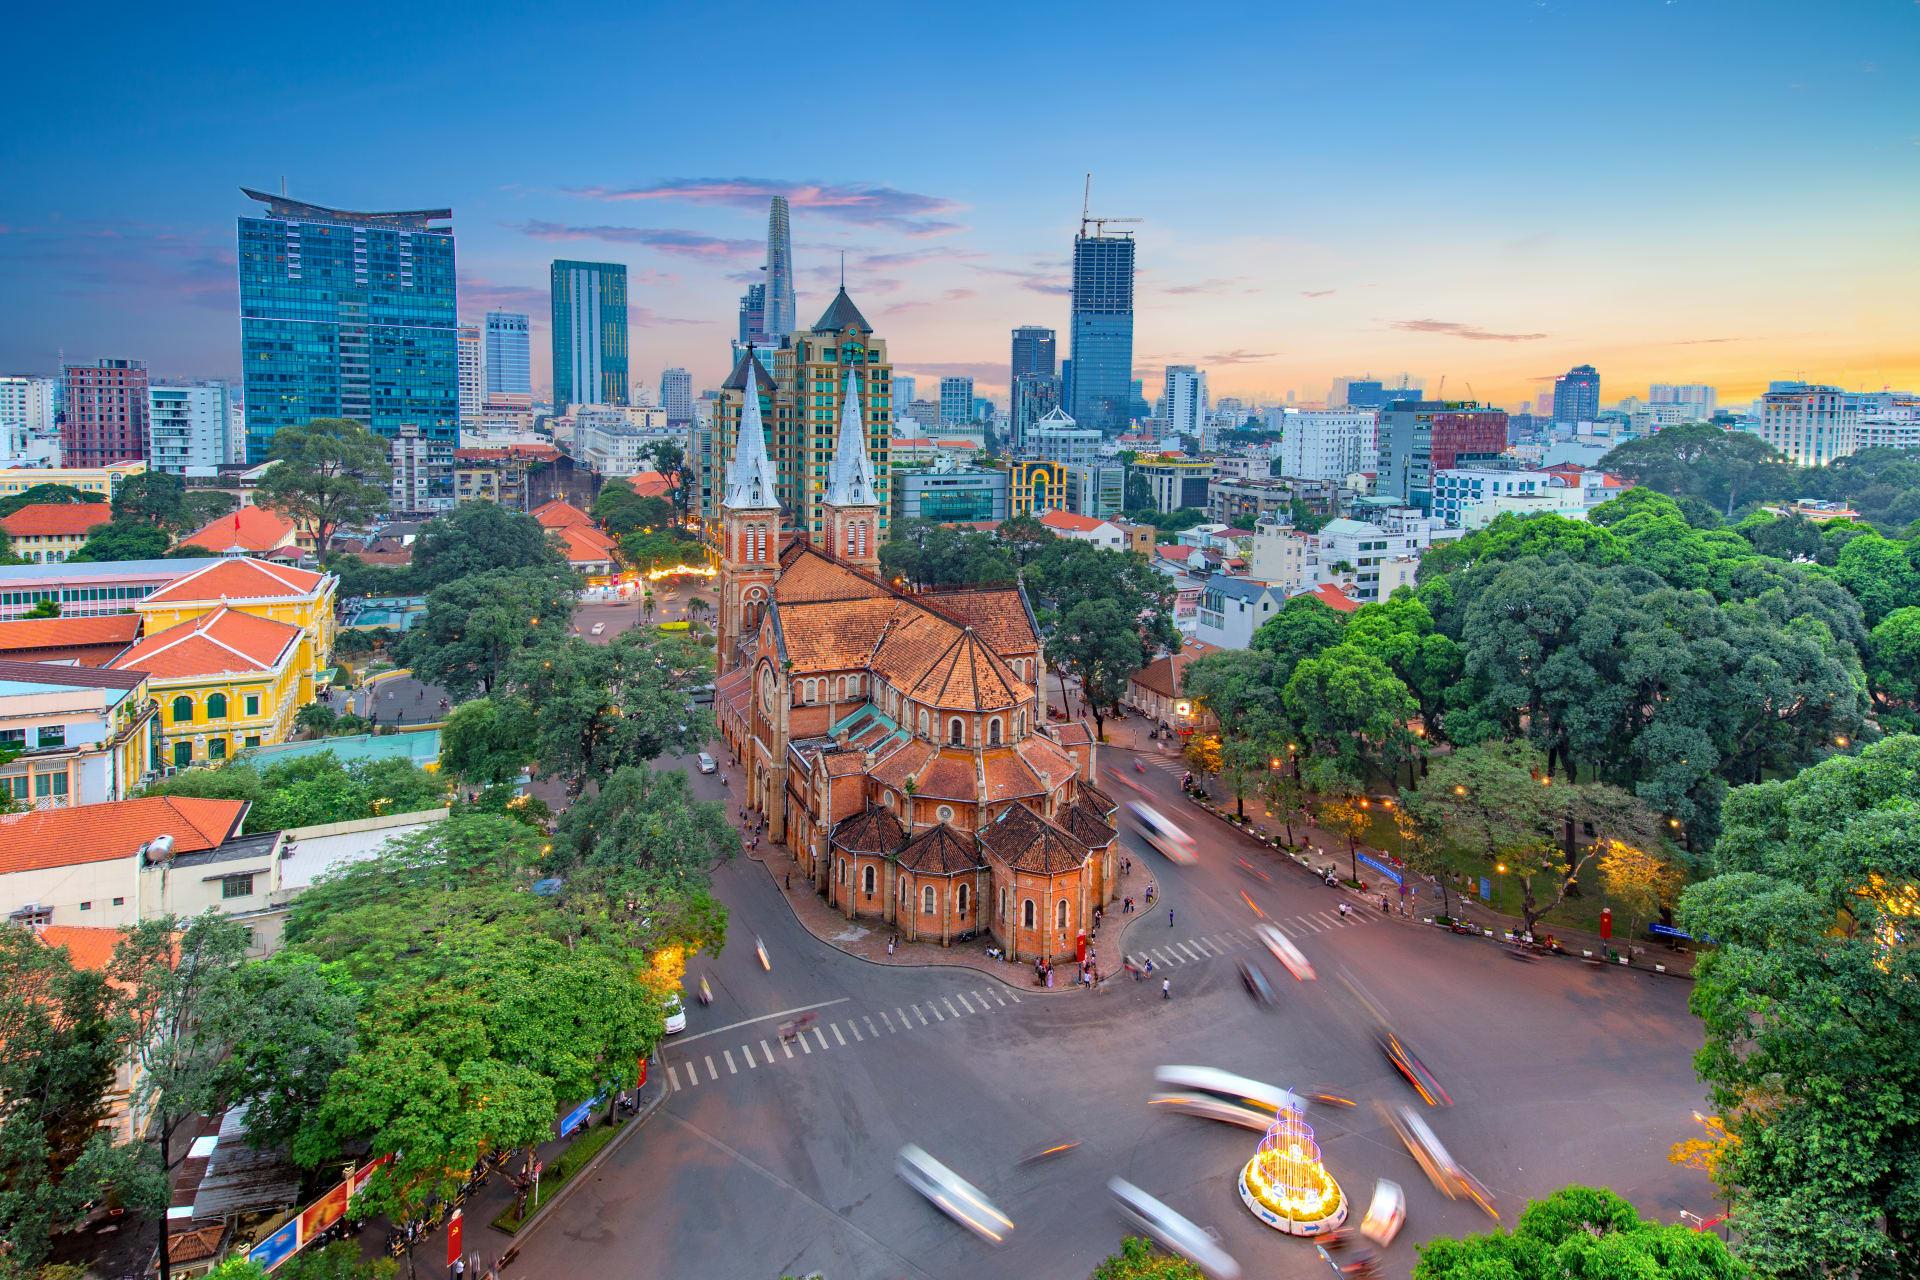 Ho Chi Minh City - Saigon Secret Gems - Day 5: The Rise of Vietnam